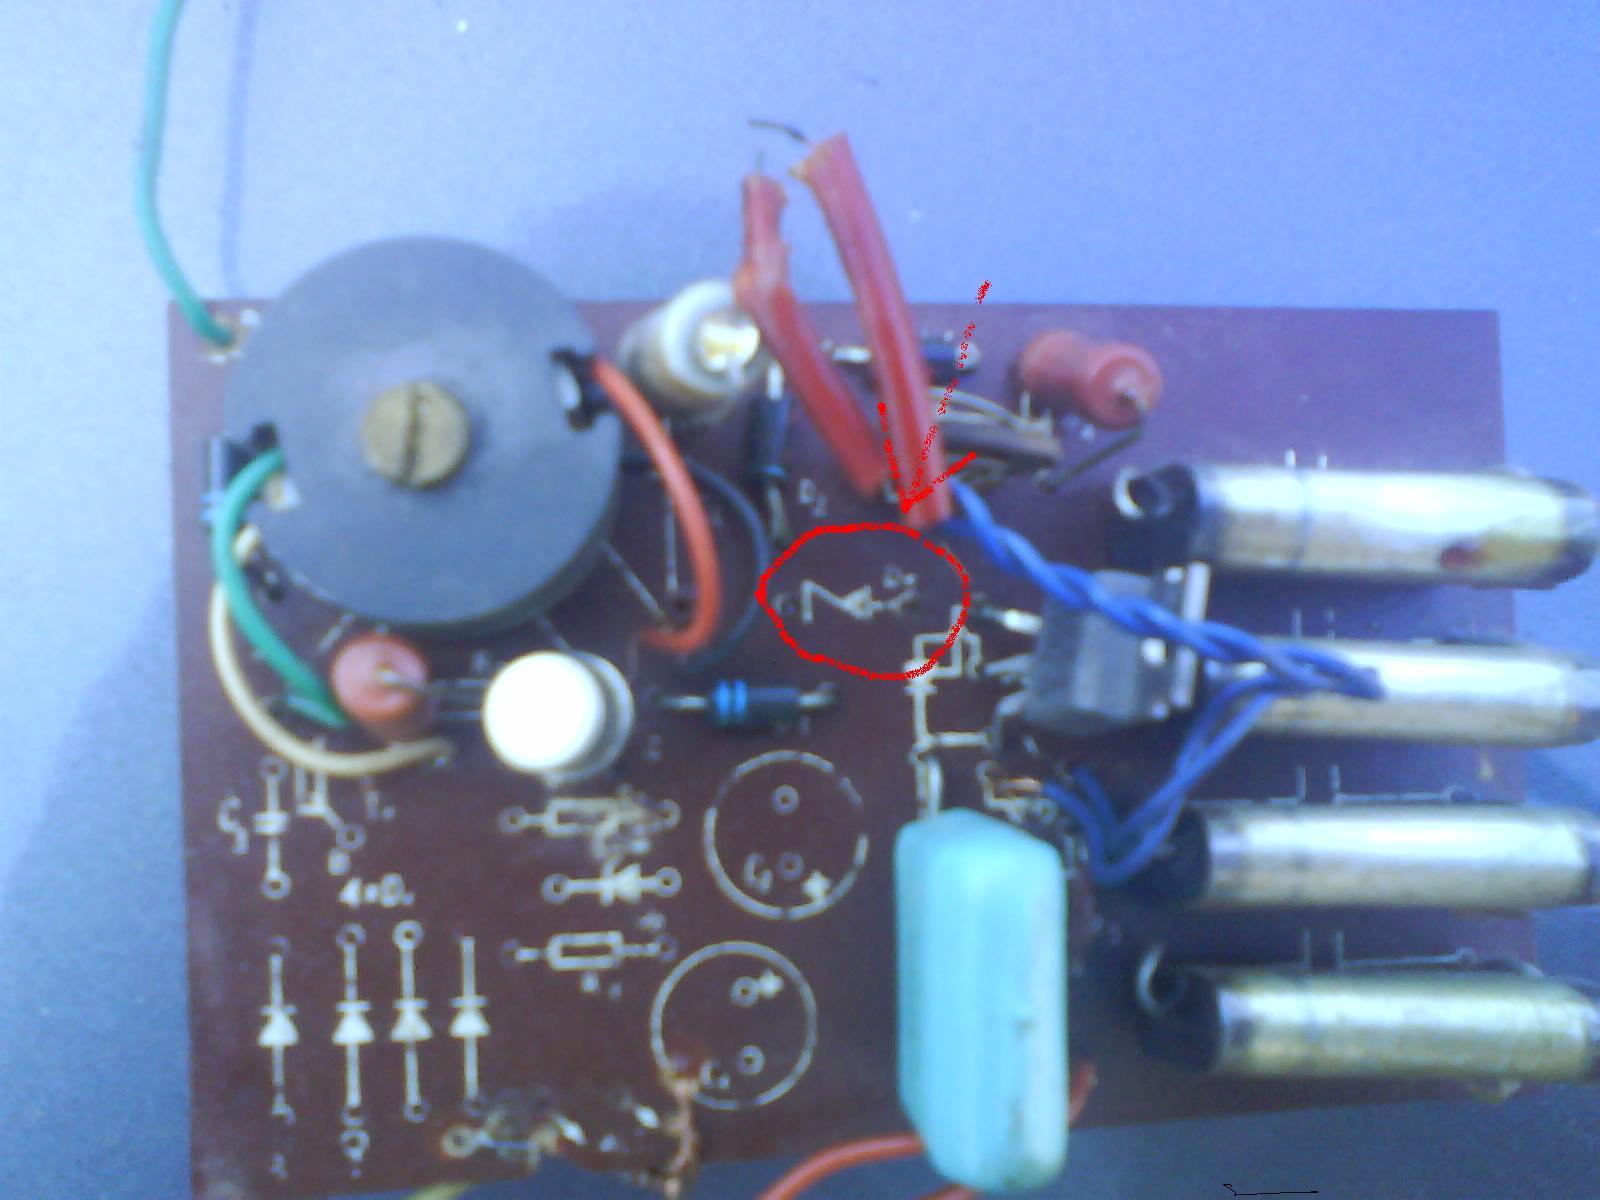 Szukam schematu pastucha elektrycznego EB84